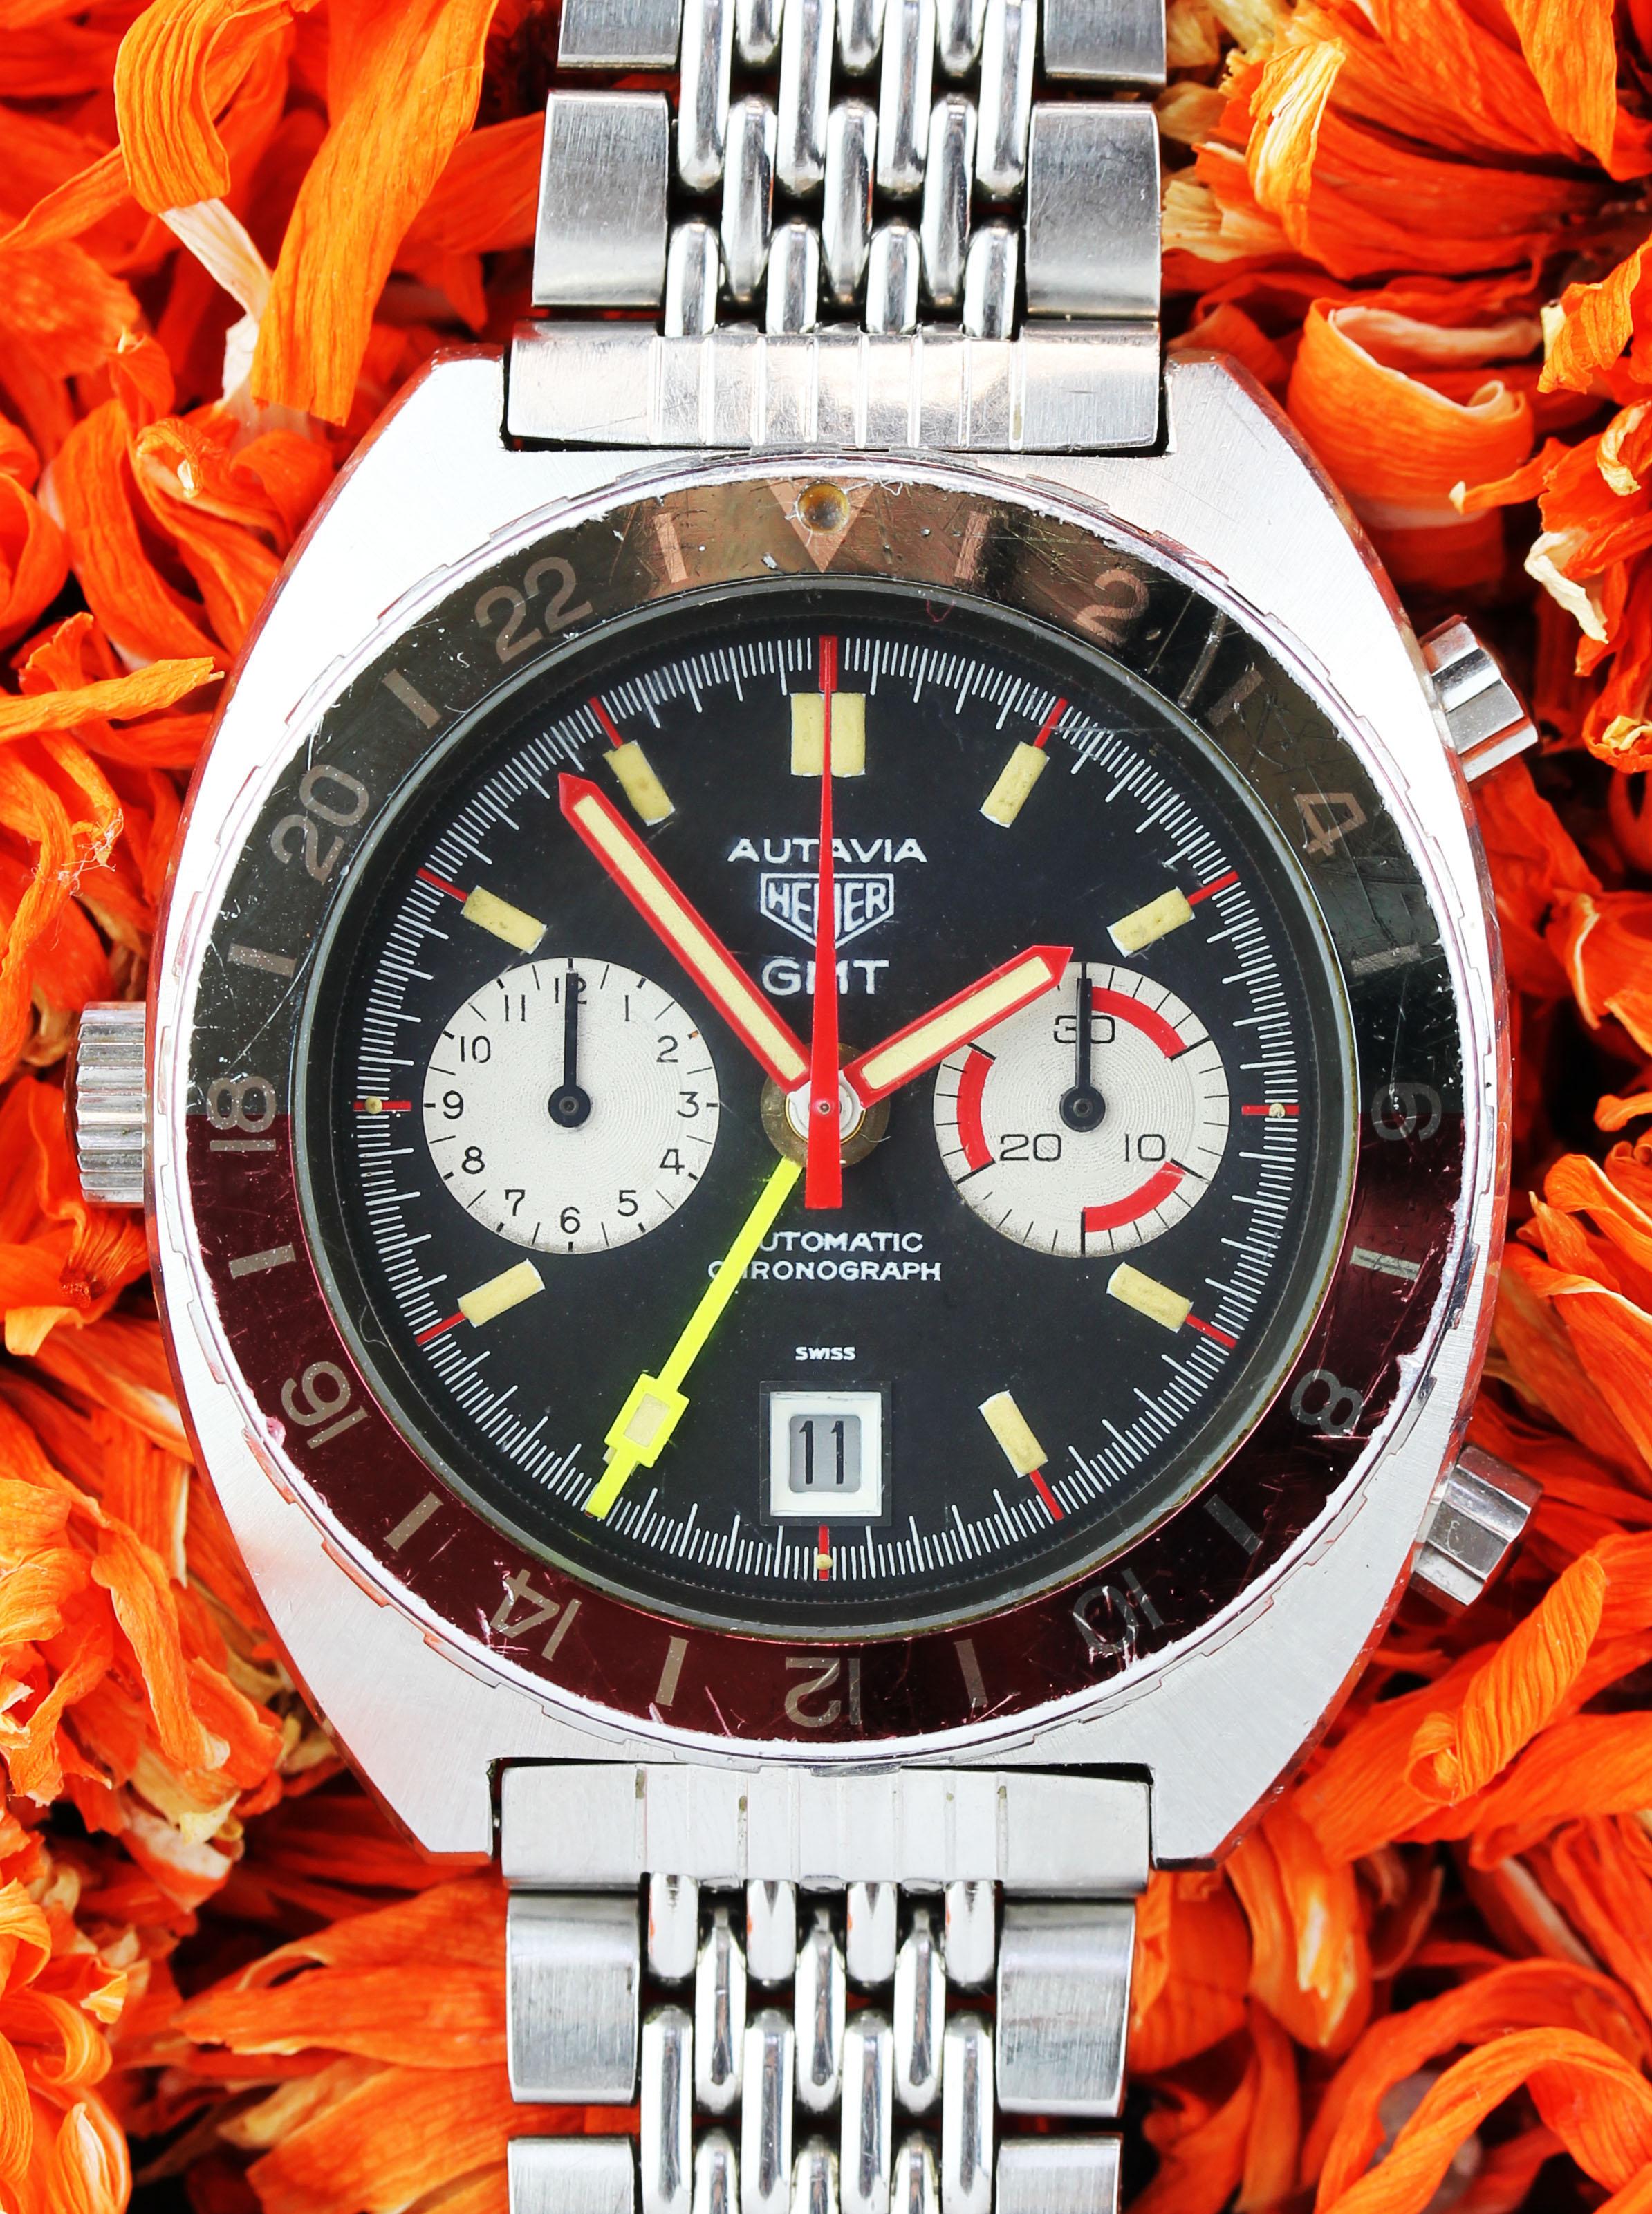 HEUER Autavia GMT ref. 11630